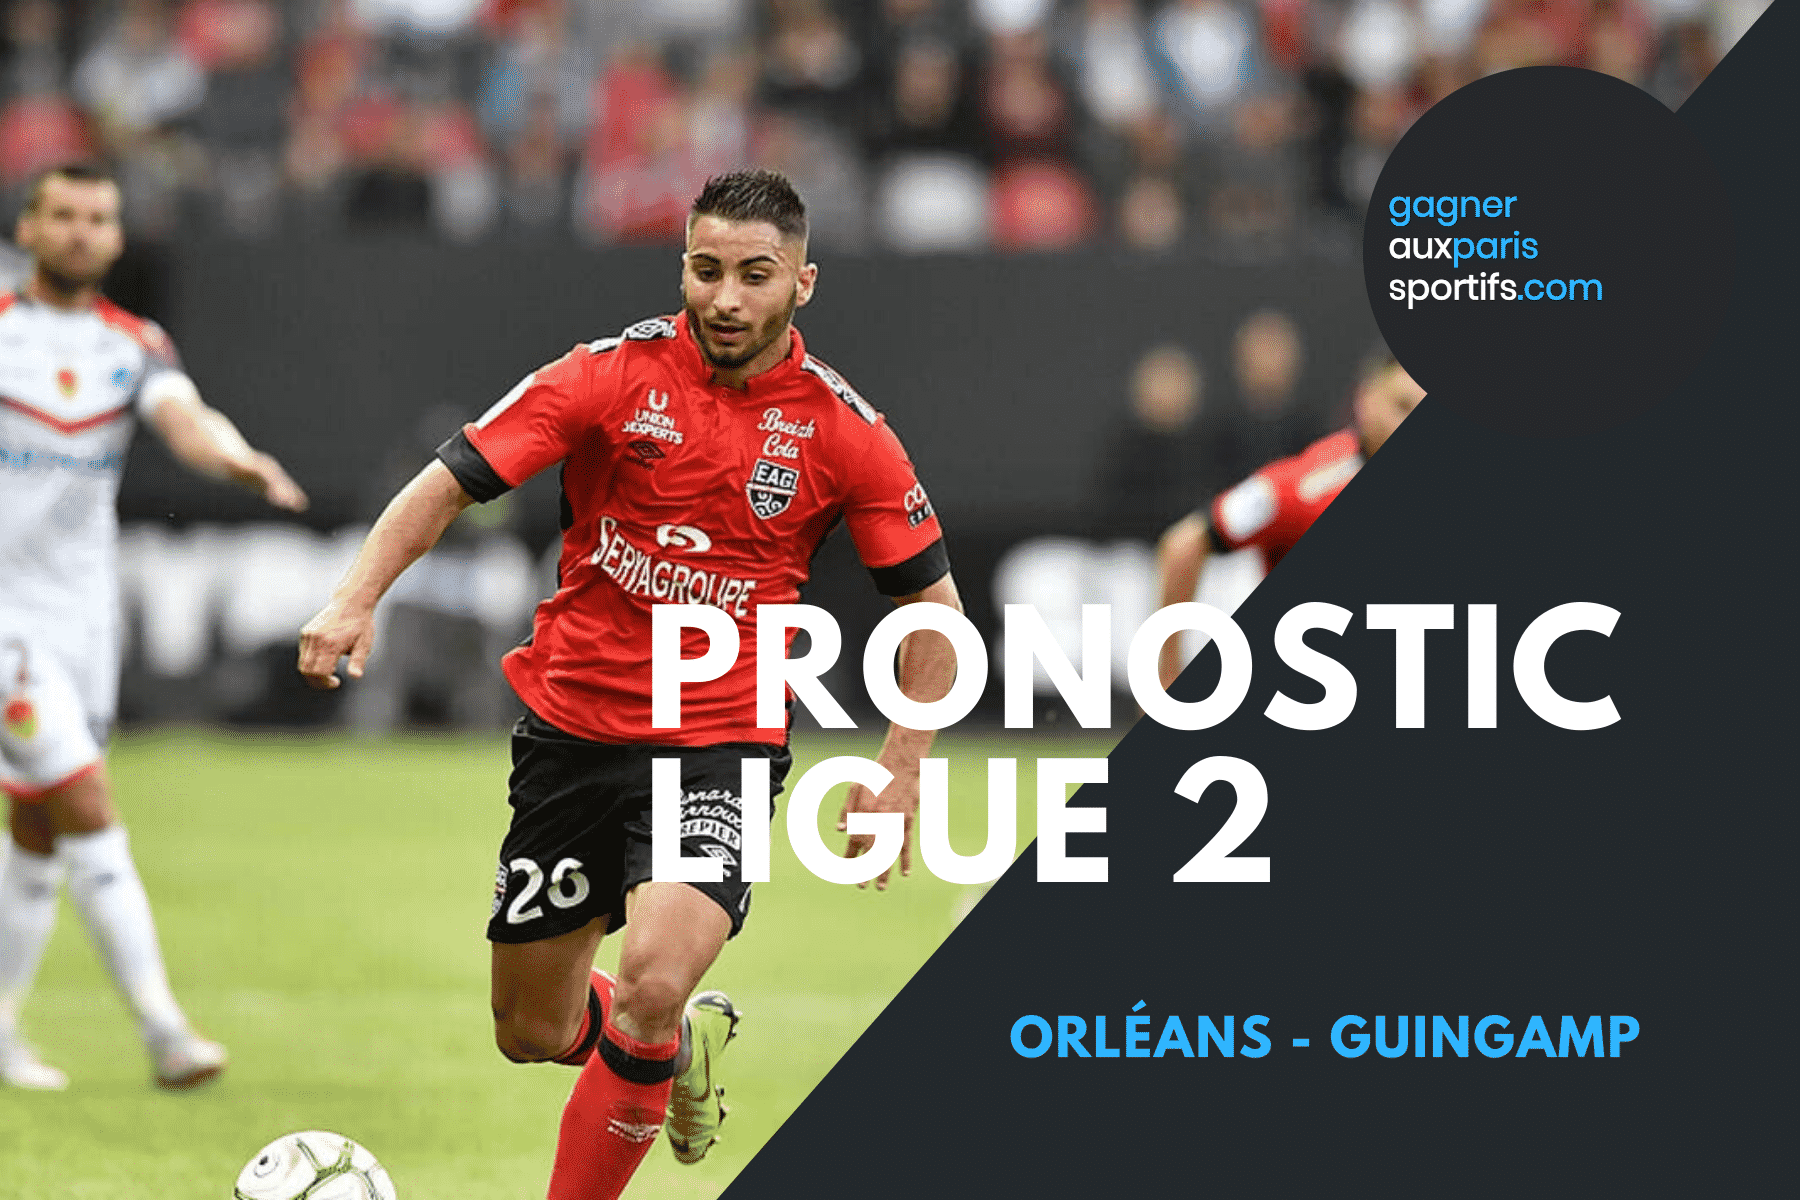 PRONOSTIC Orléans - Guingamp Ligue 2